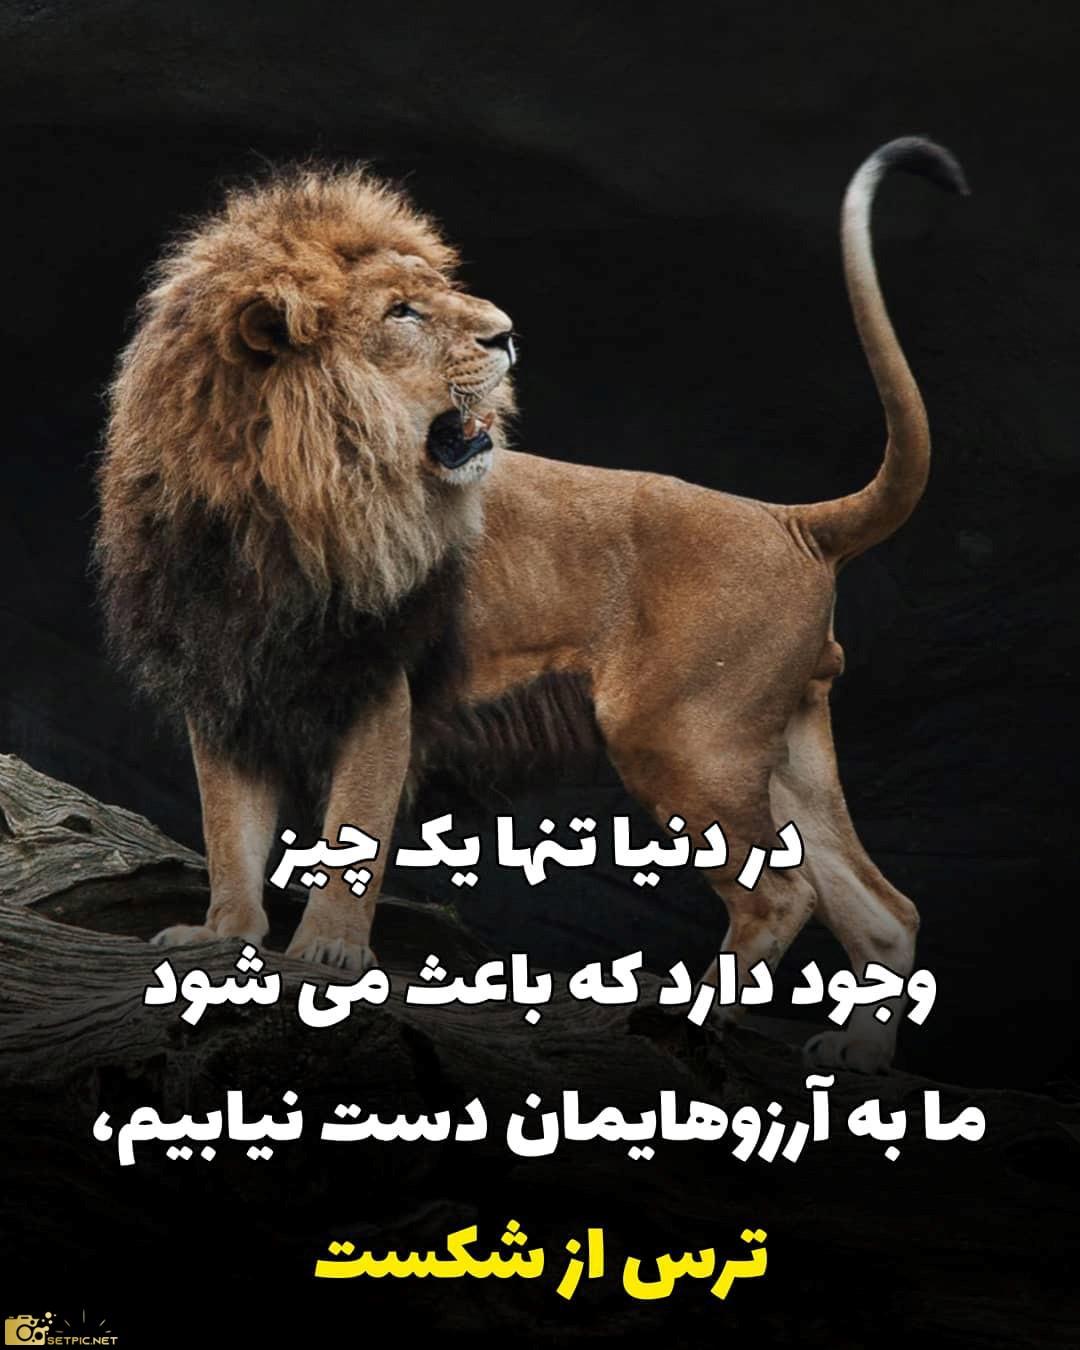 عکس نوشته انگیزشی خفن با تصویر شیر